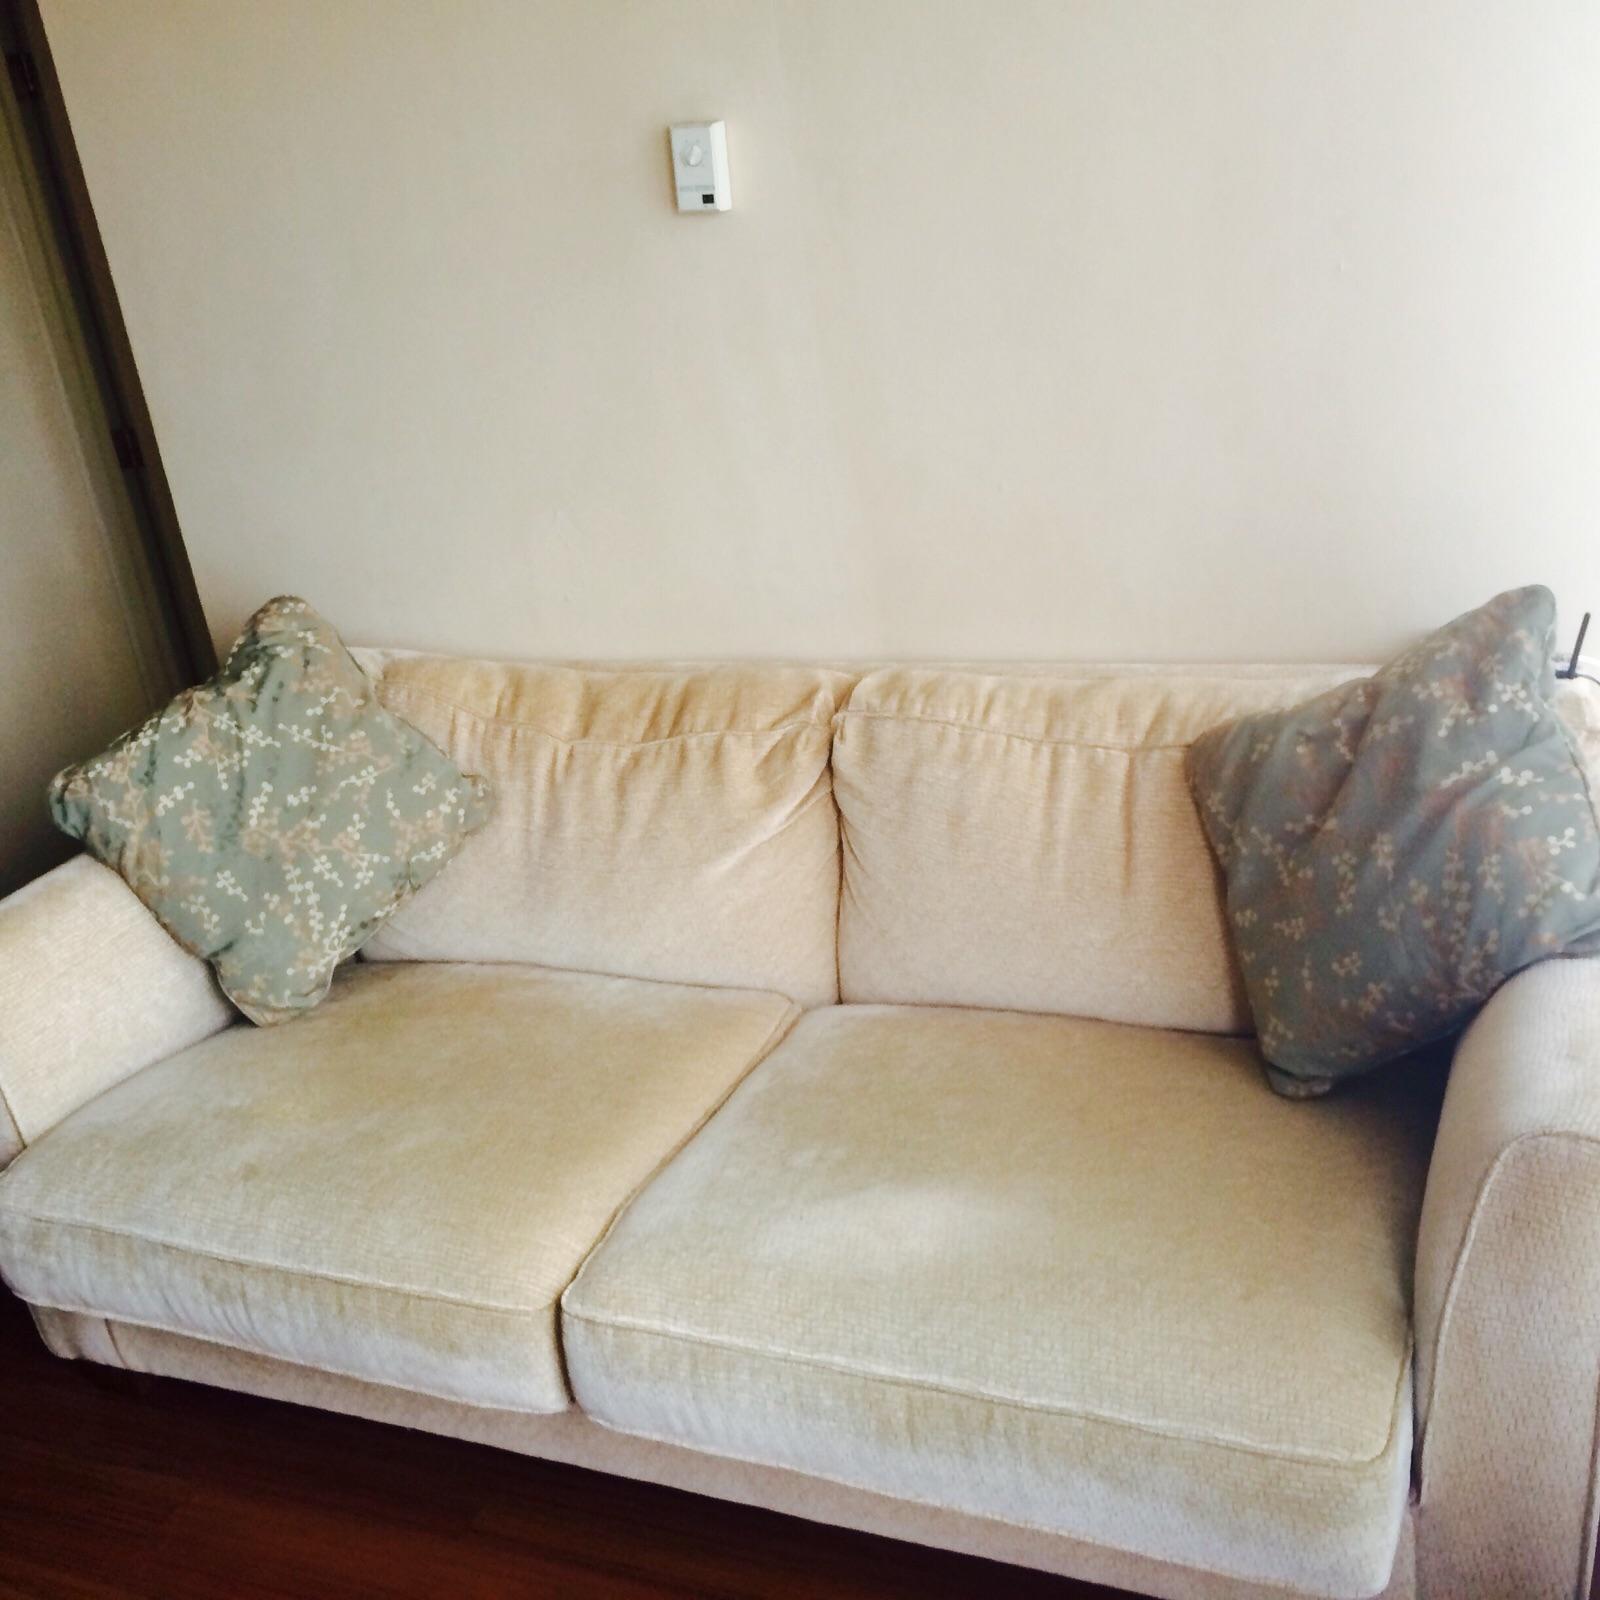 Vendo sof cama avisos clasificados 2 0 for Busco sofa cama